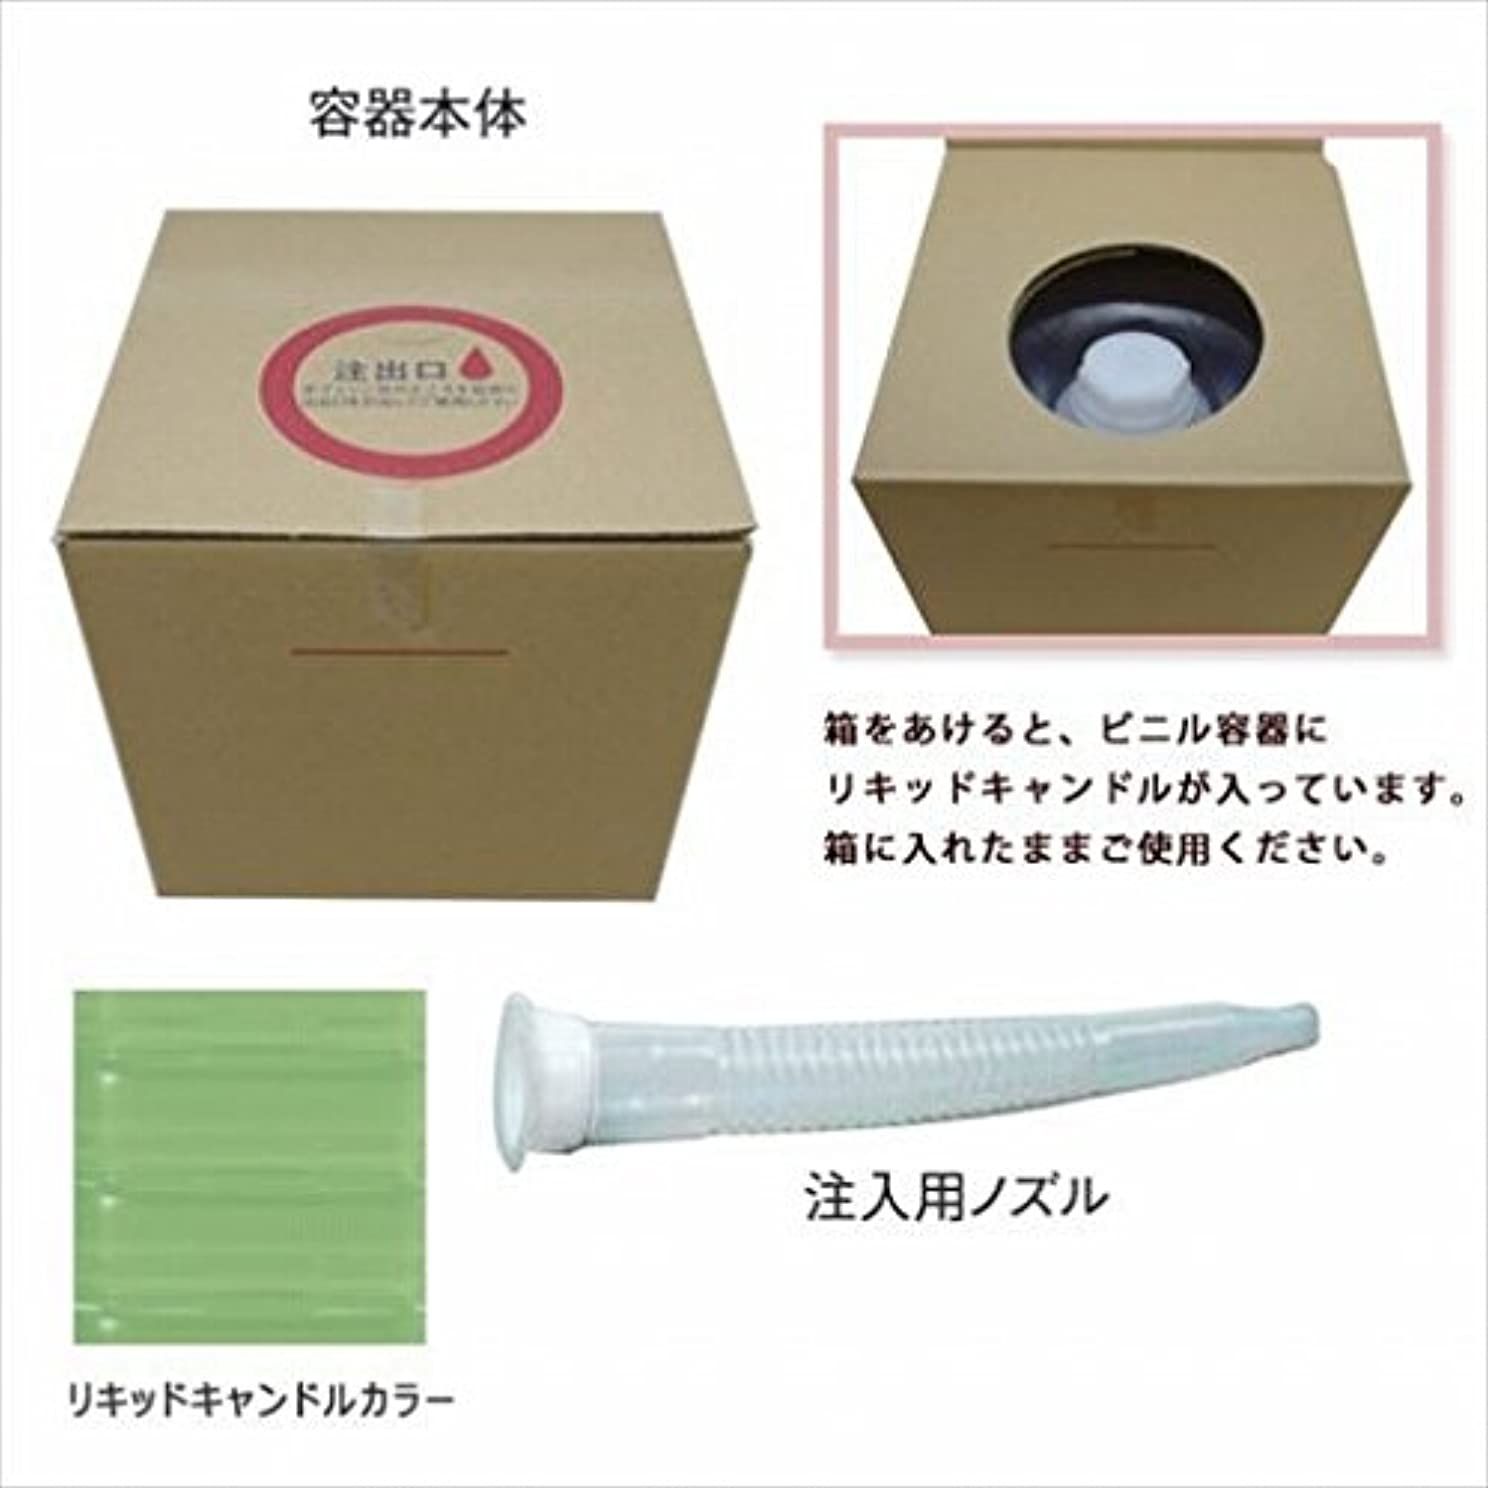 後悲惨な他の日カメヤマキャンドル(kameyama candle) リキッドキャンドル5リットル 「 ライトグリーン 」